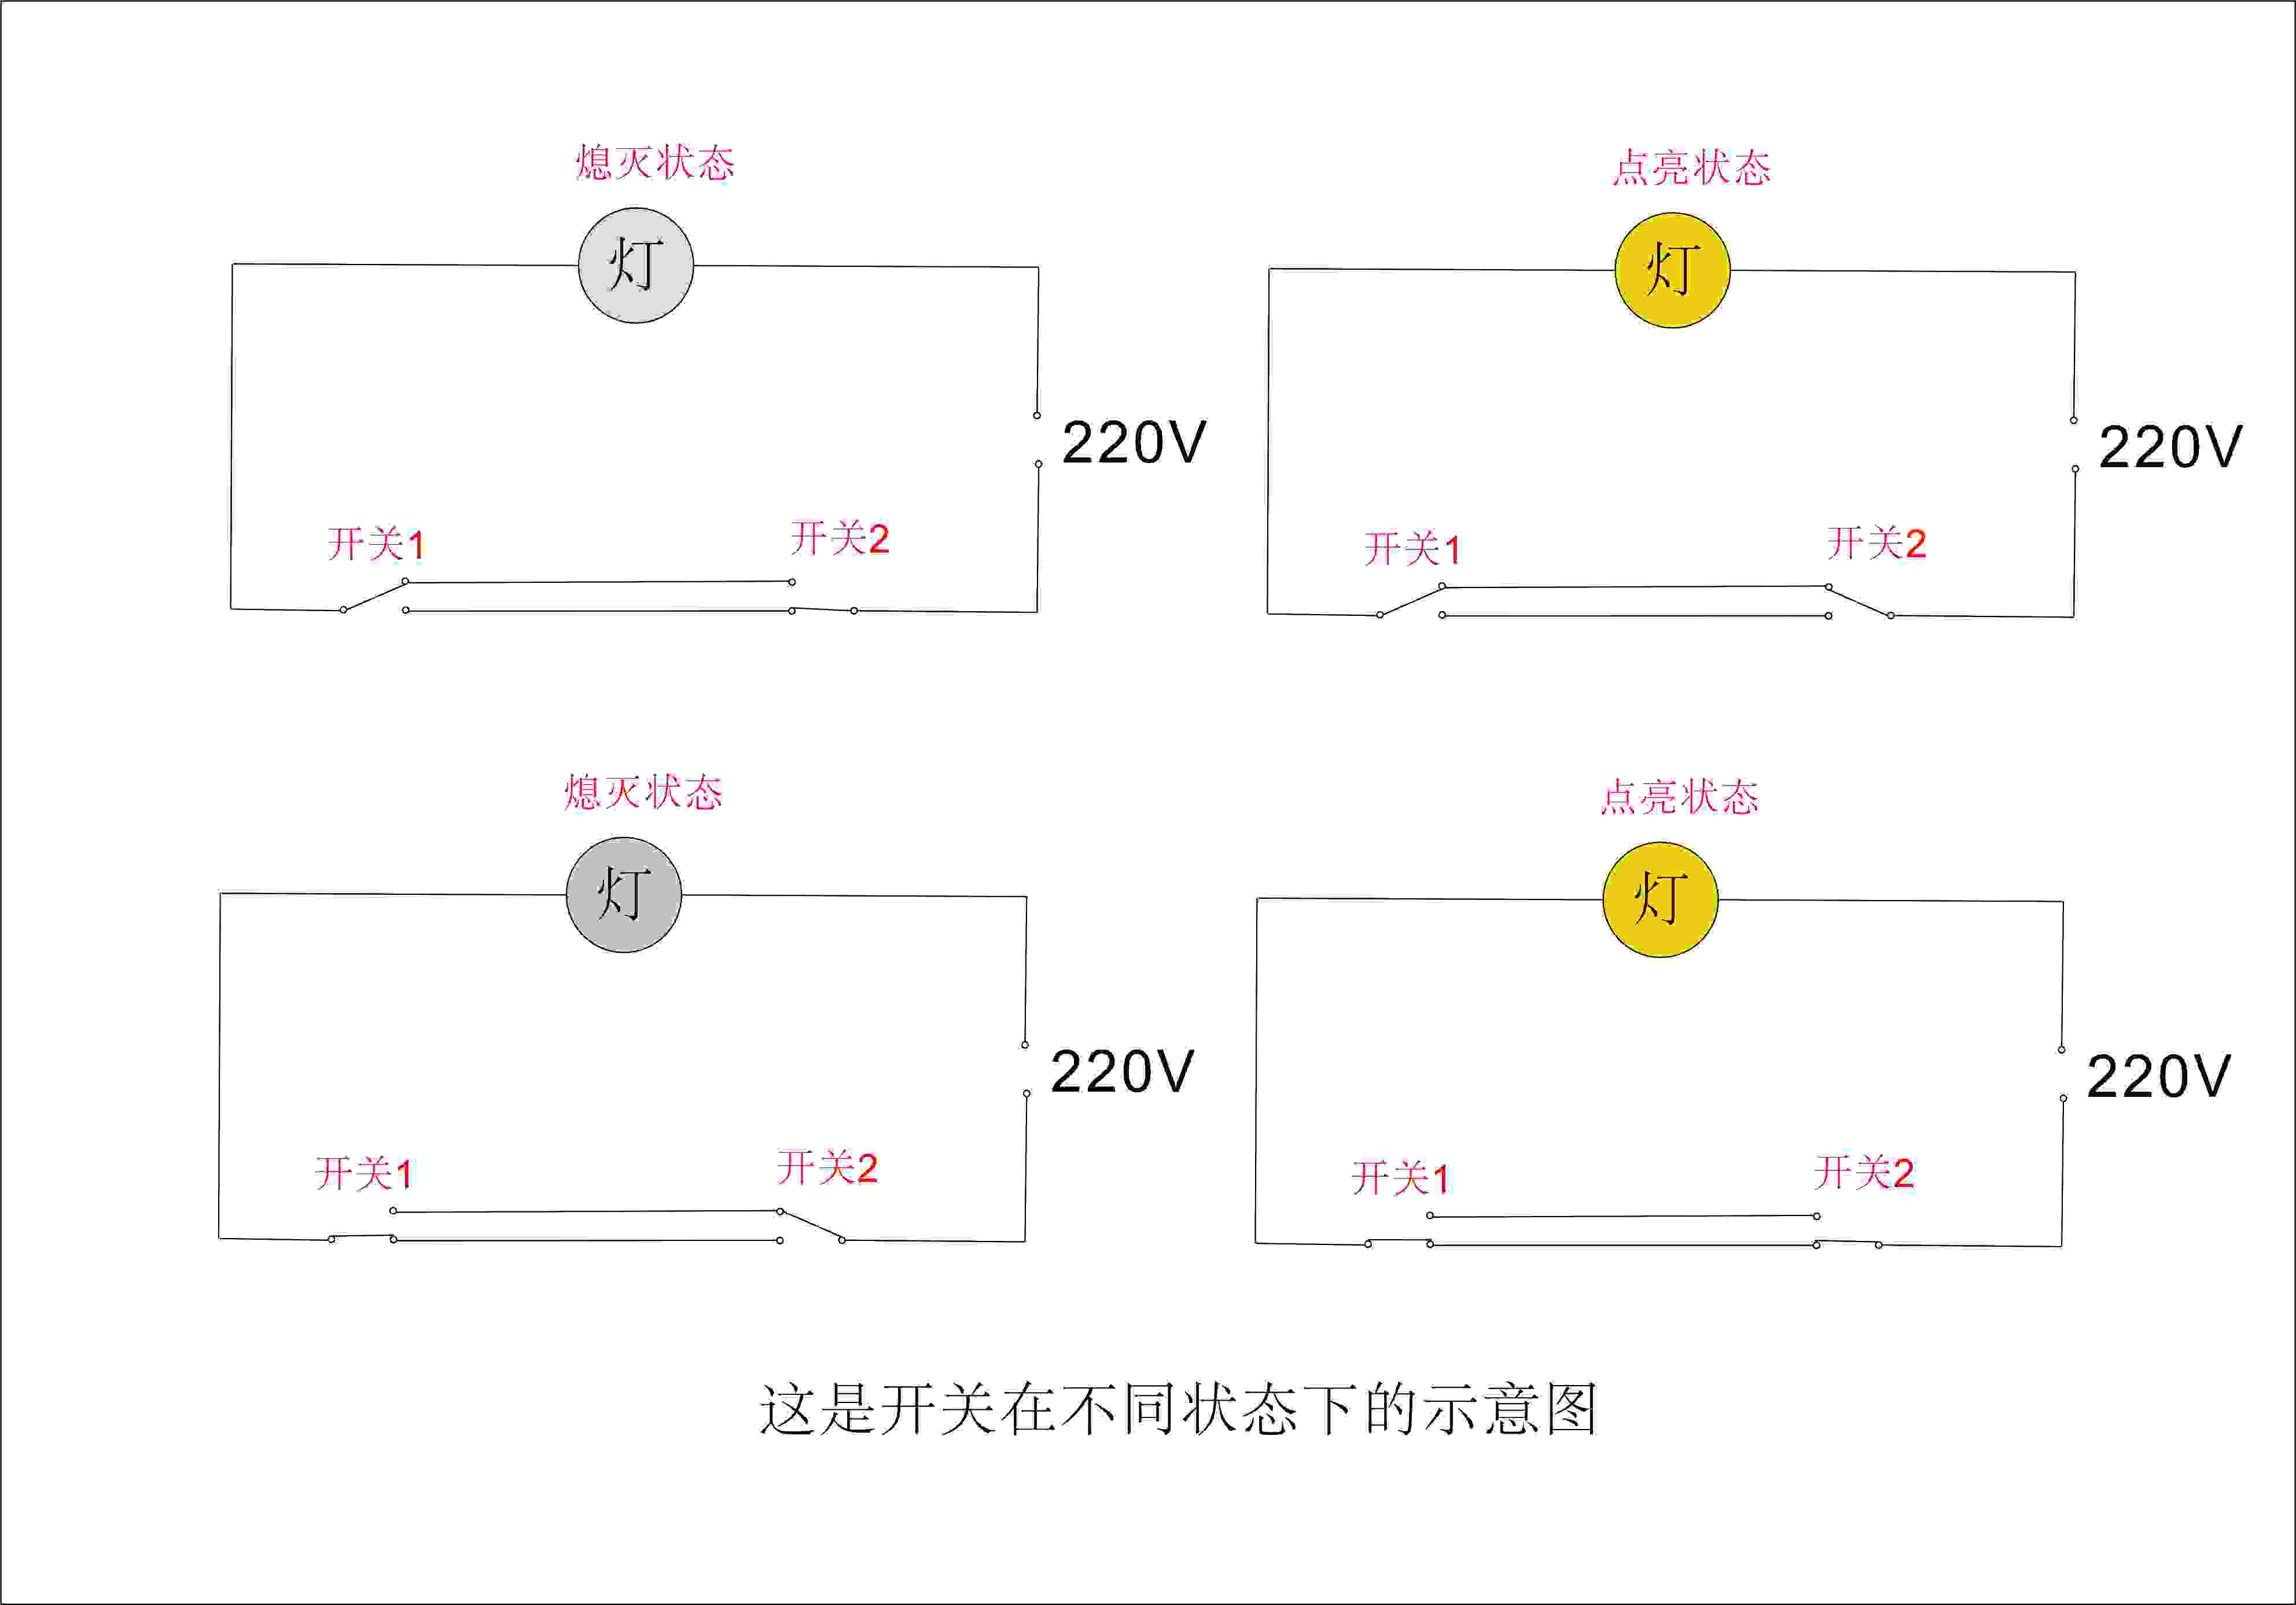 两个开关之间有两根线互接,中心端分别接灯的一端或者进线(火线).